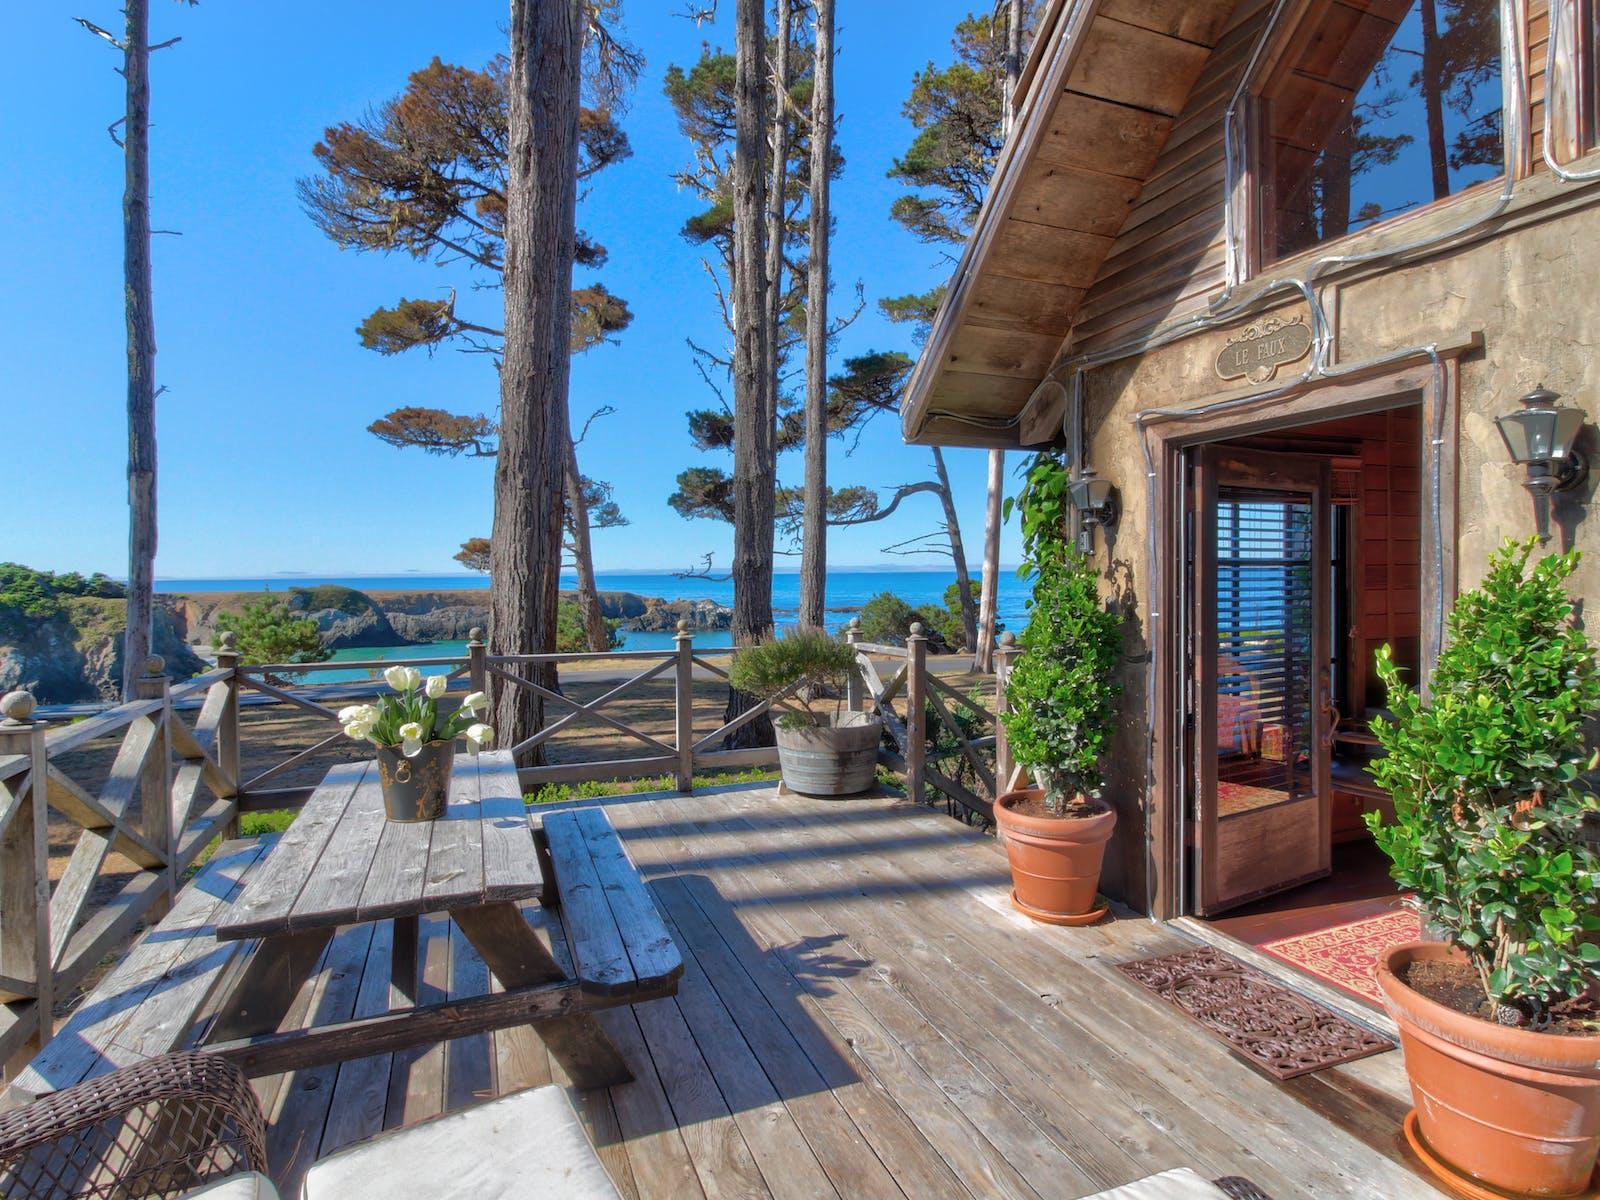 deck overlooking ocean in Fort Bragg, CA